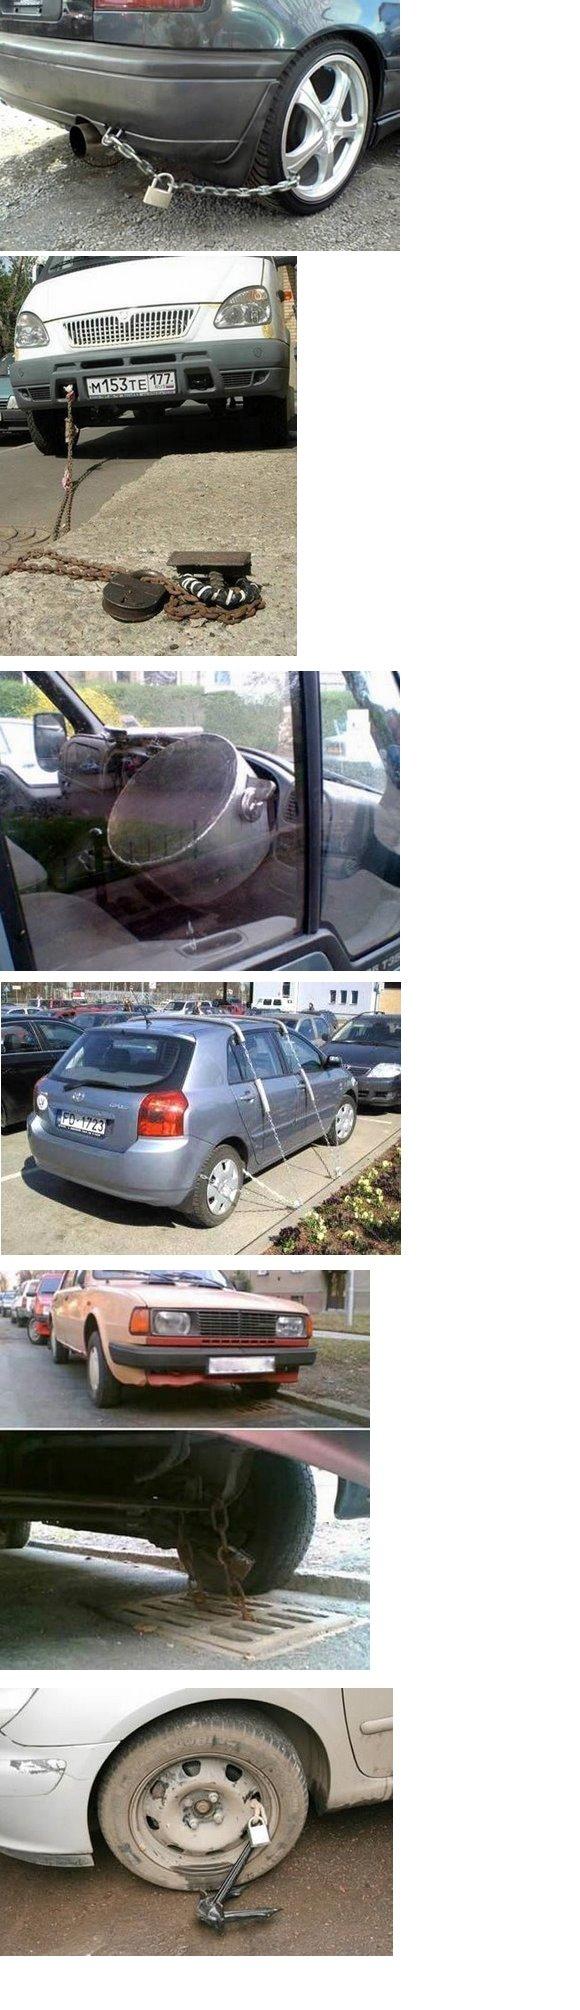 6 funny car locks. funny car lock.. i know